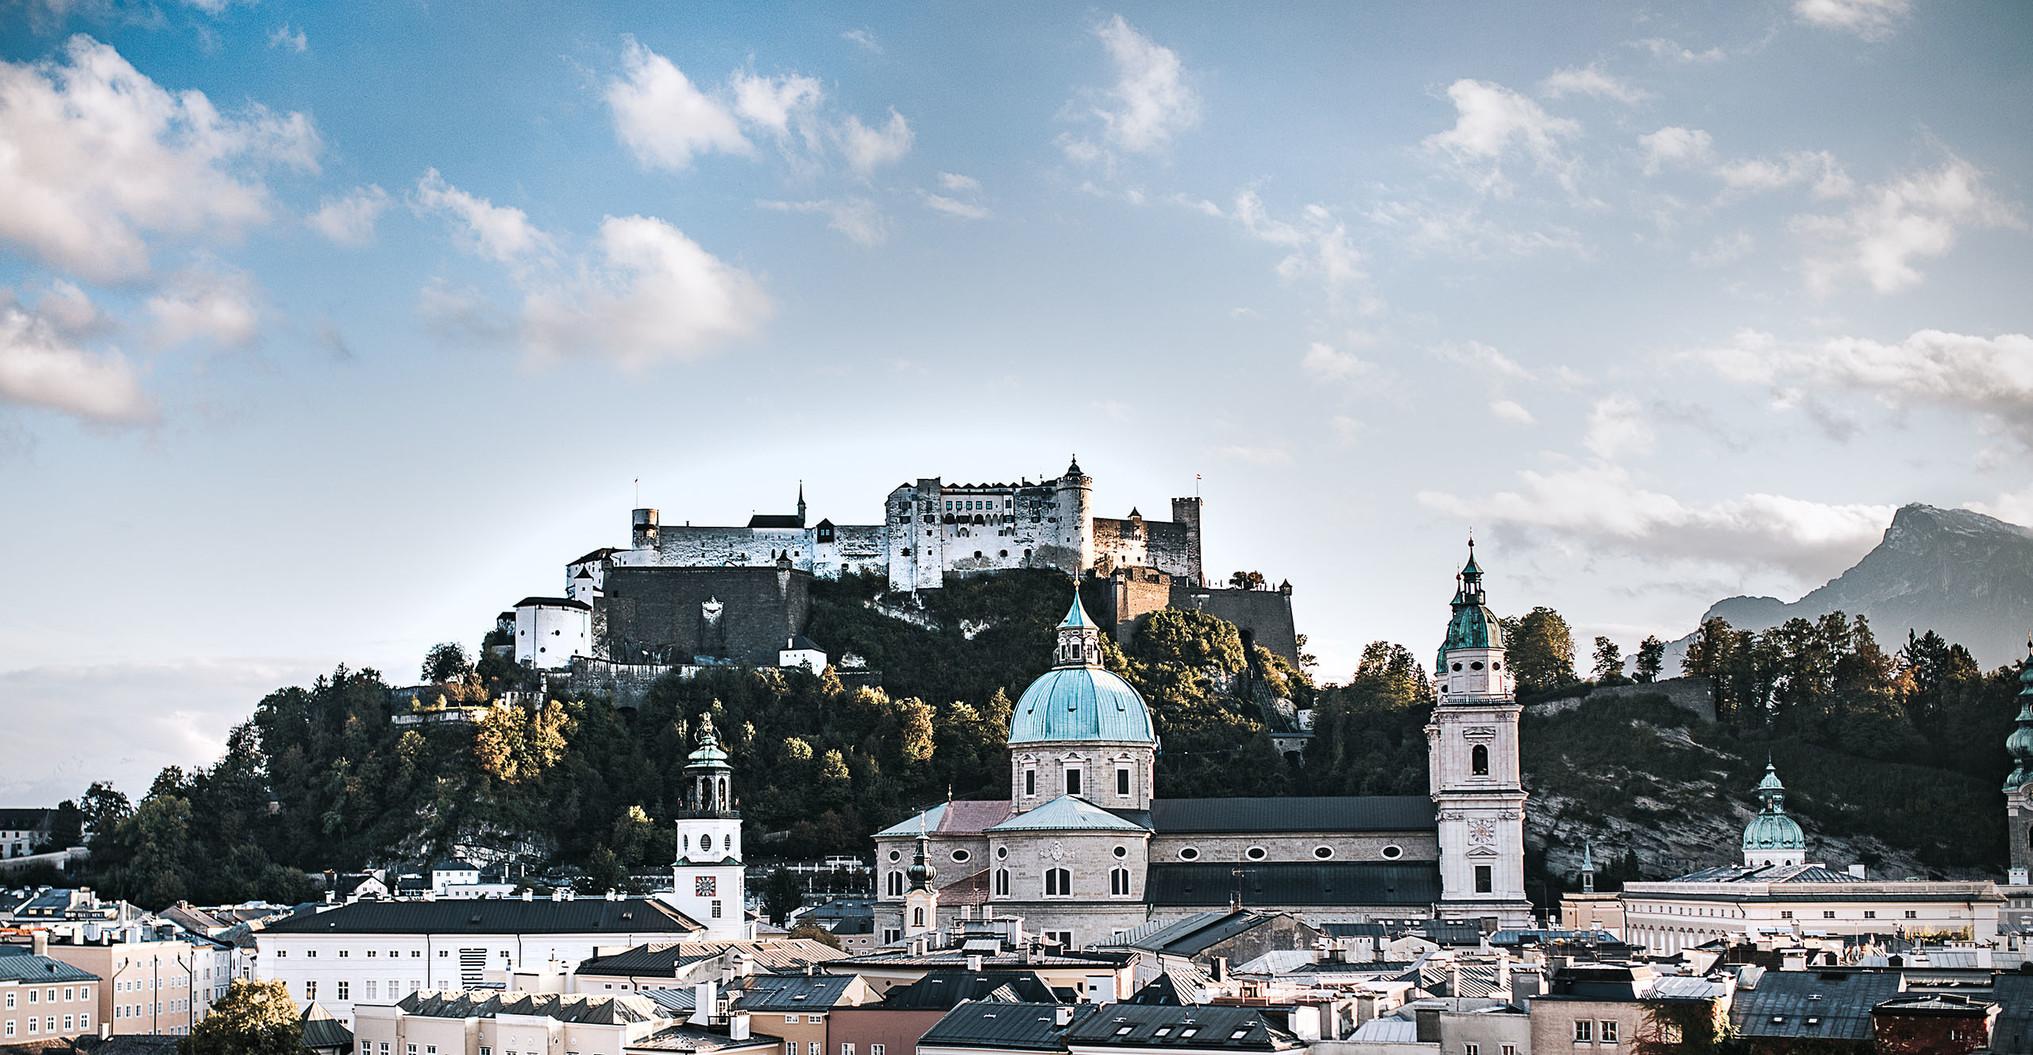 Salzburg Altstadt und Festung bei blauem, bewölkten Himmel